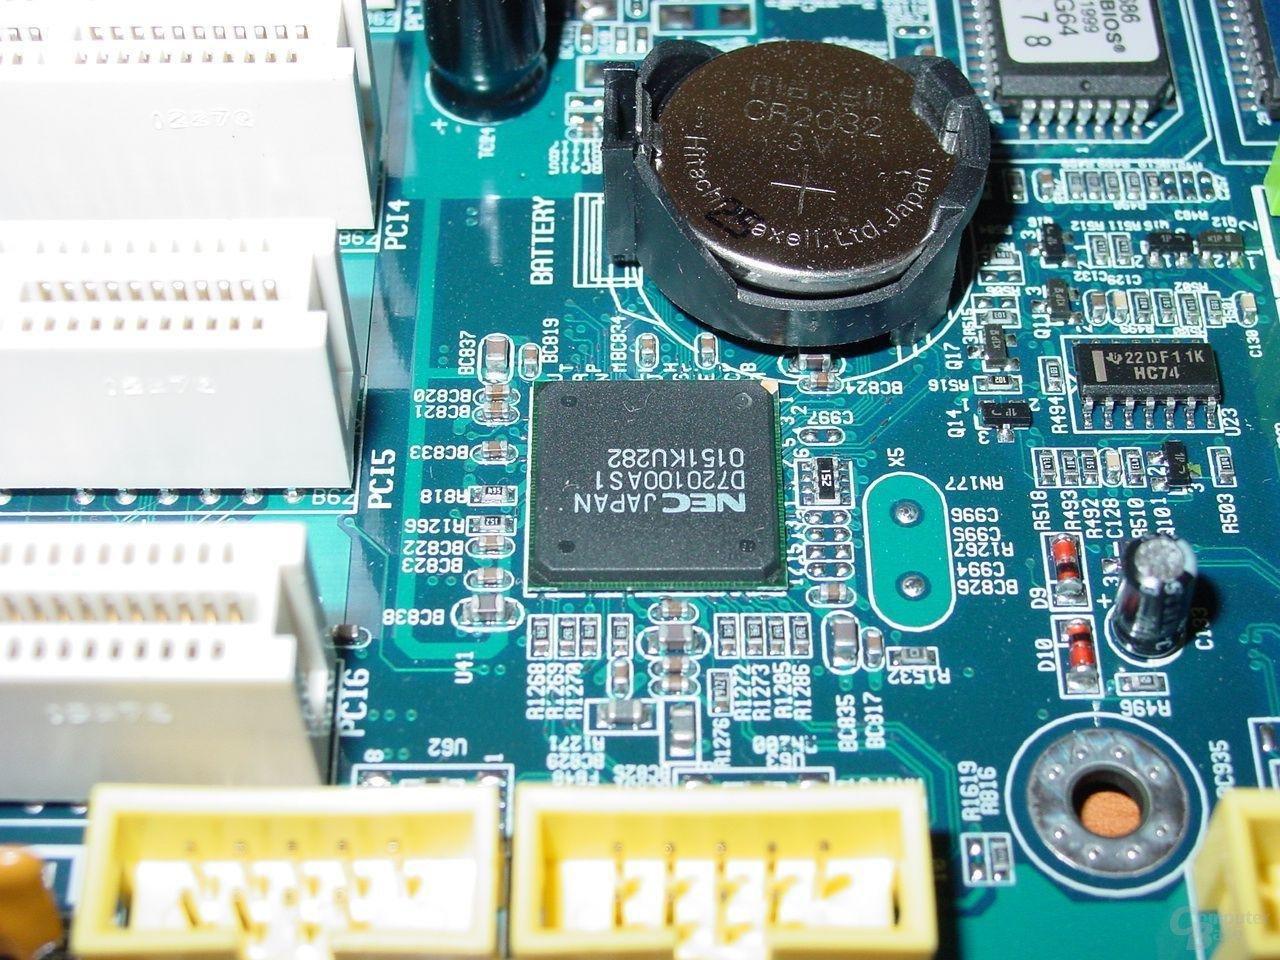 NEC USB2.0 Controller